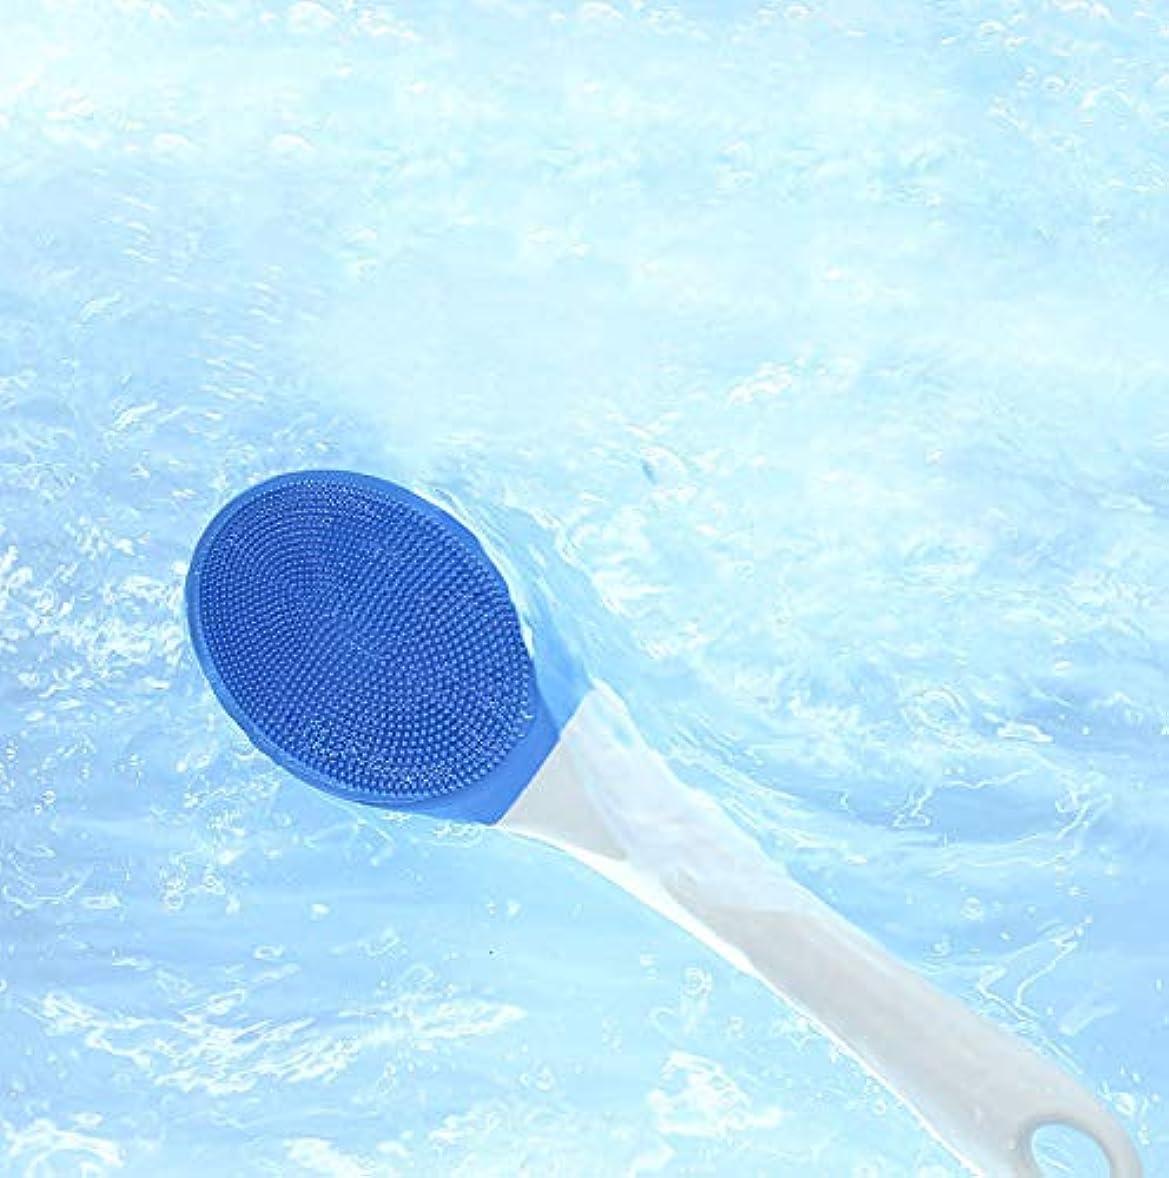 楽観植物のリングバック電気バスブラシ、防水ボディ、洗顔ブラシロングハンドルソニック電動スクラバーディープクリーニング用3スピード調整可能なパルス振動,Blue